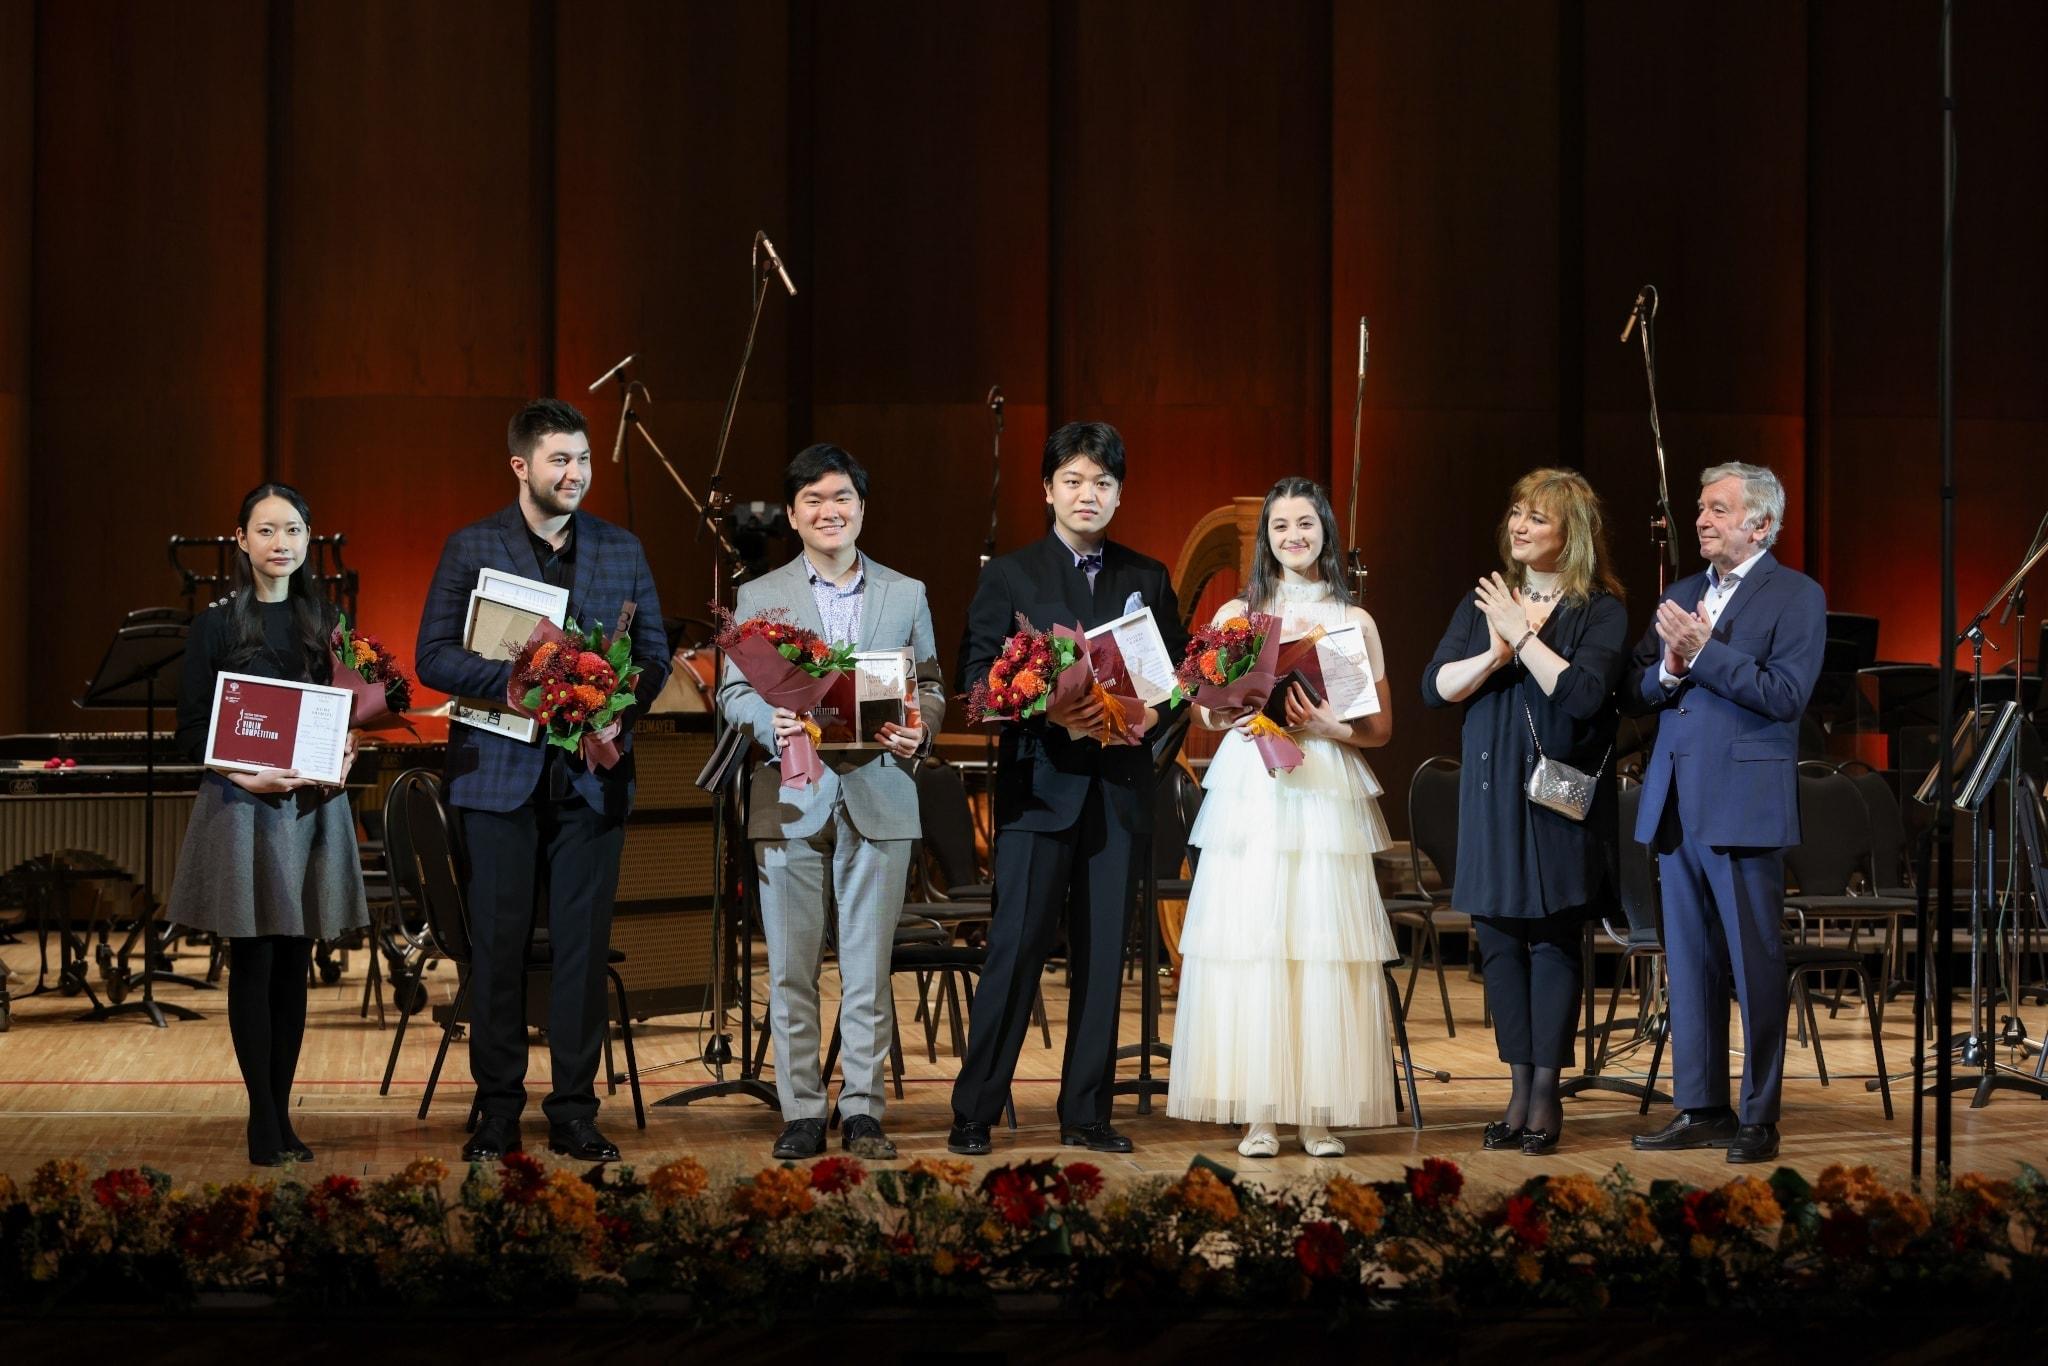 В Красноярске названы победители II Международного конкурса скрипачей Виктора Третьякова